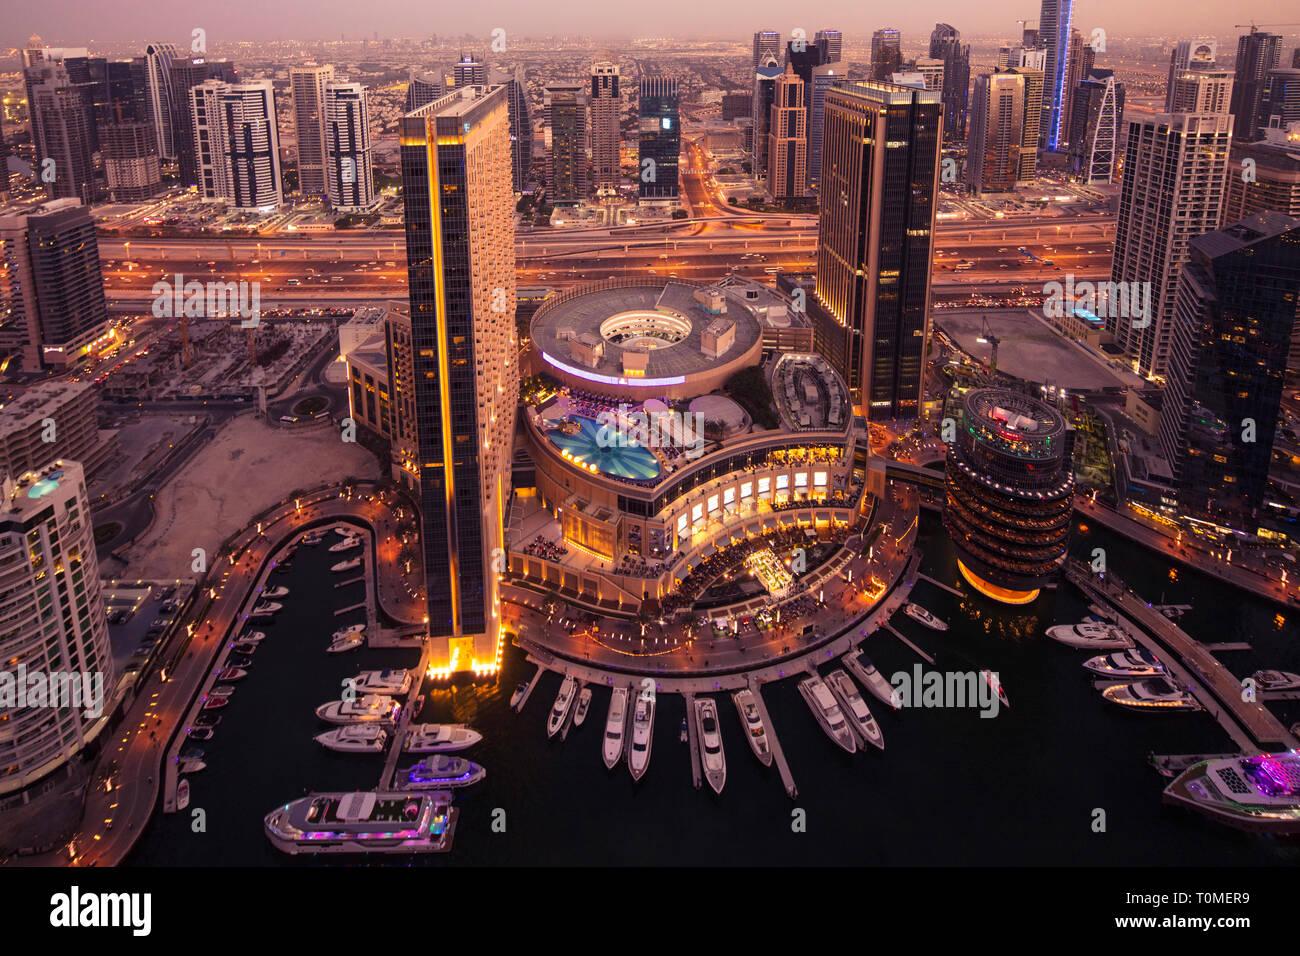 Un coucher de soleil vu de la Marina de Dubaï, DUBAÏ, ÉMIRATS ARABES UNIS Banque D'Images